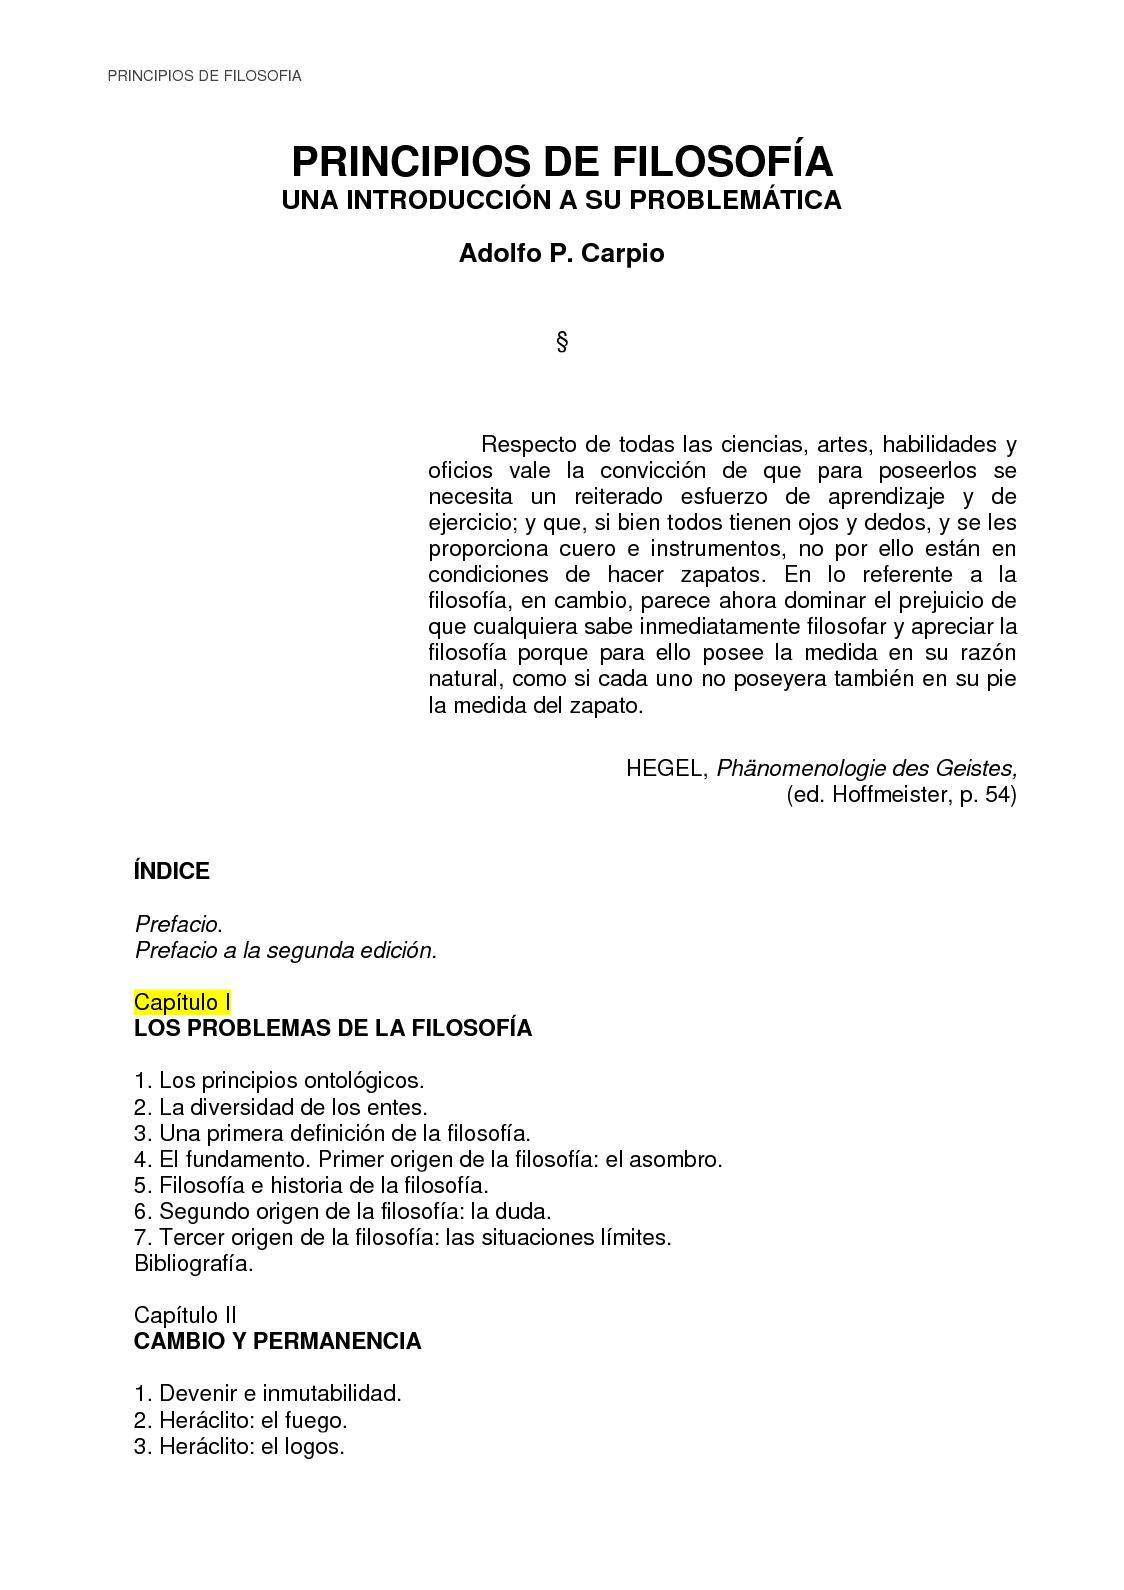 Calaméo - Adolfo Carpio Principios De Filosofia